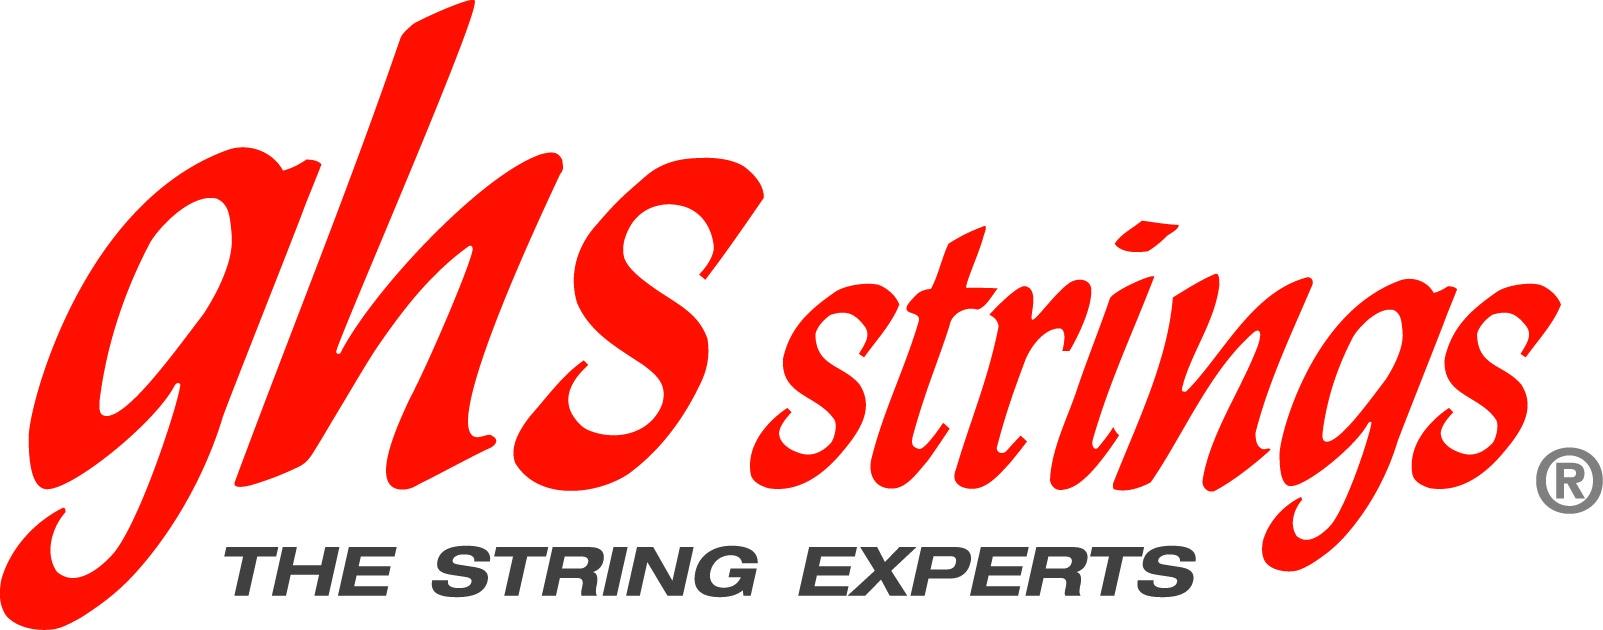 GHS Strings